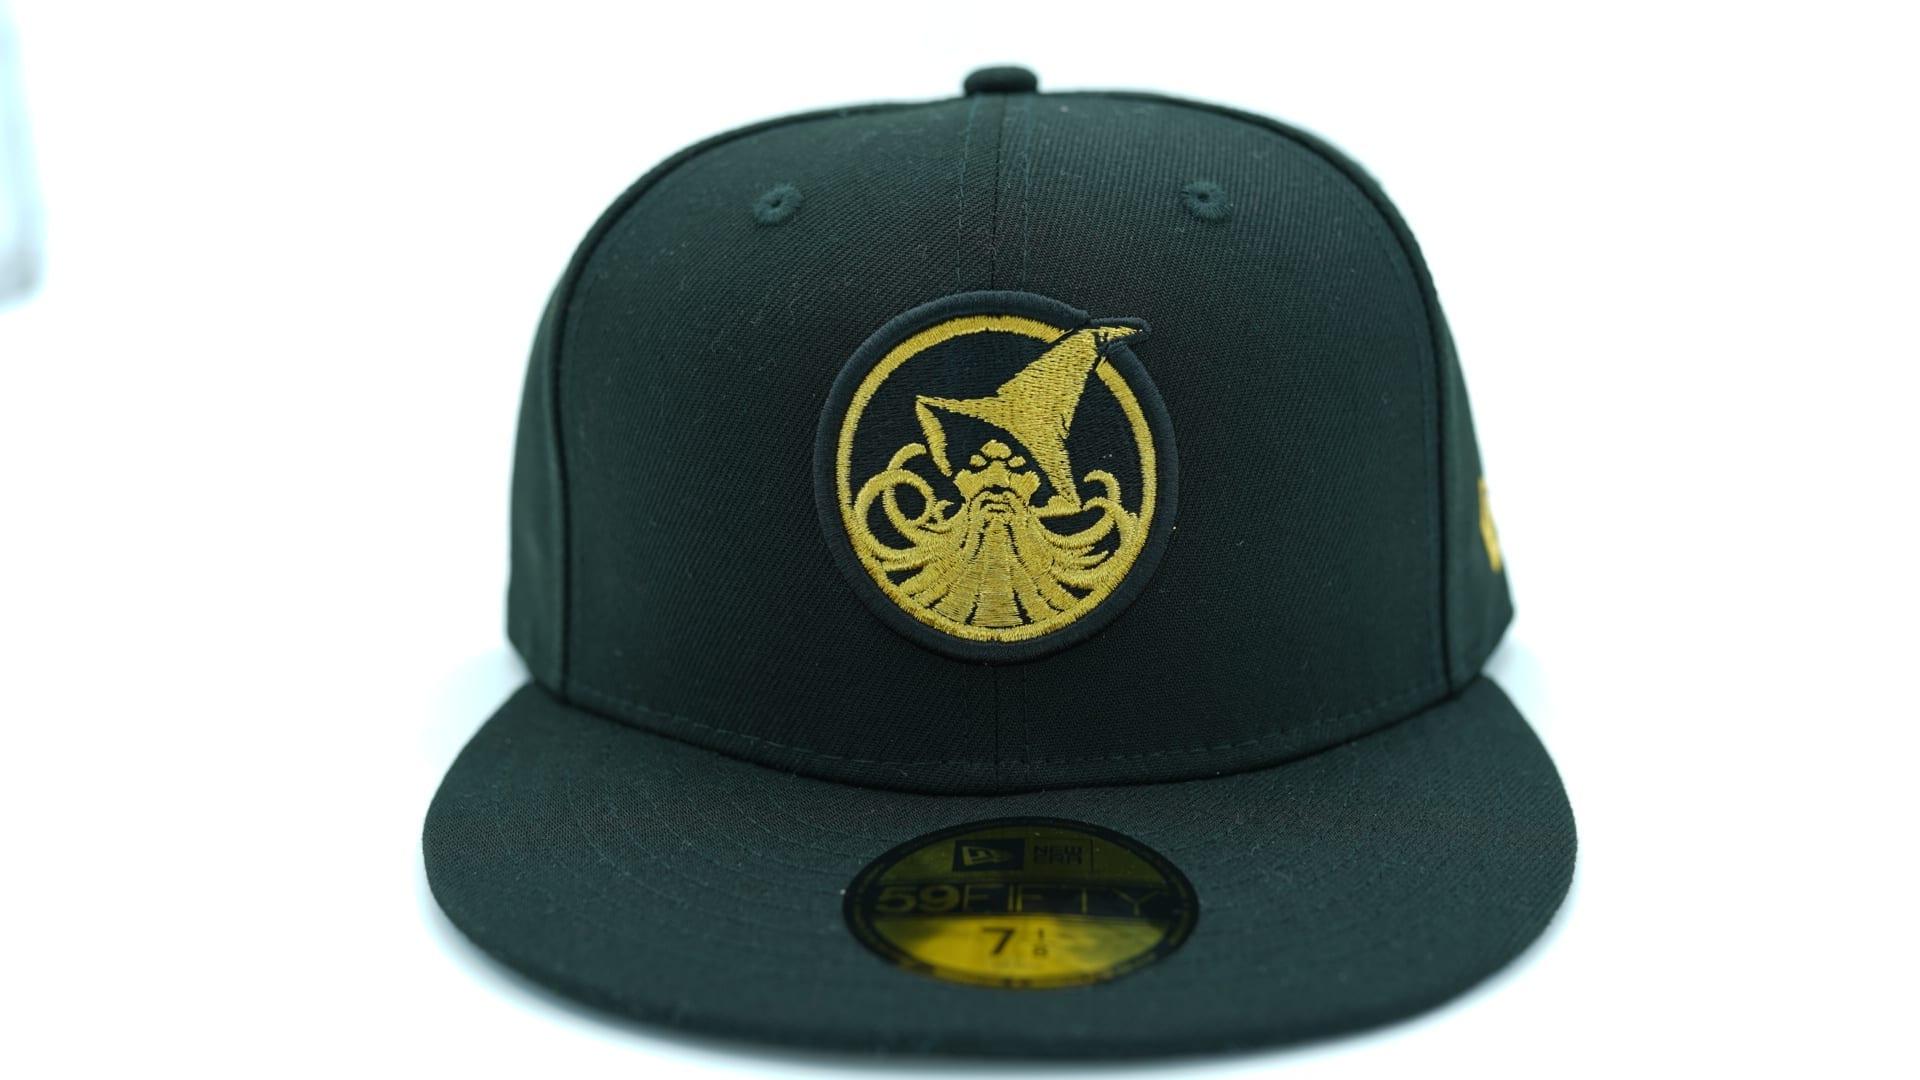 7ebbb08c463d4 kenzo animal print green 59fifty fitted baseball cap kenzo new era